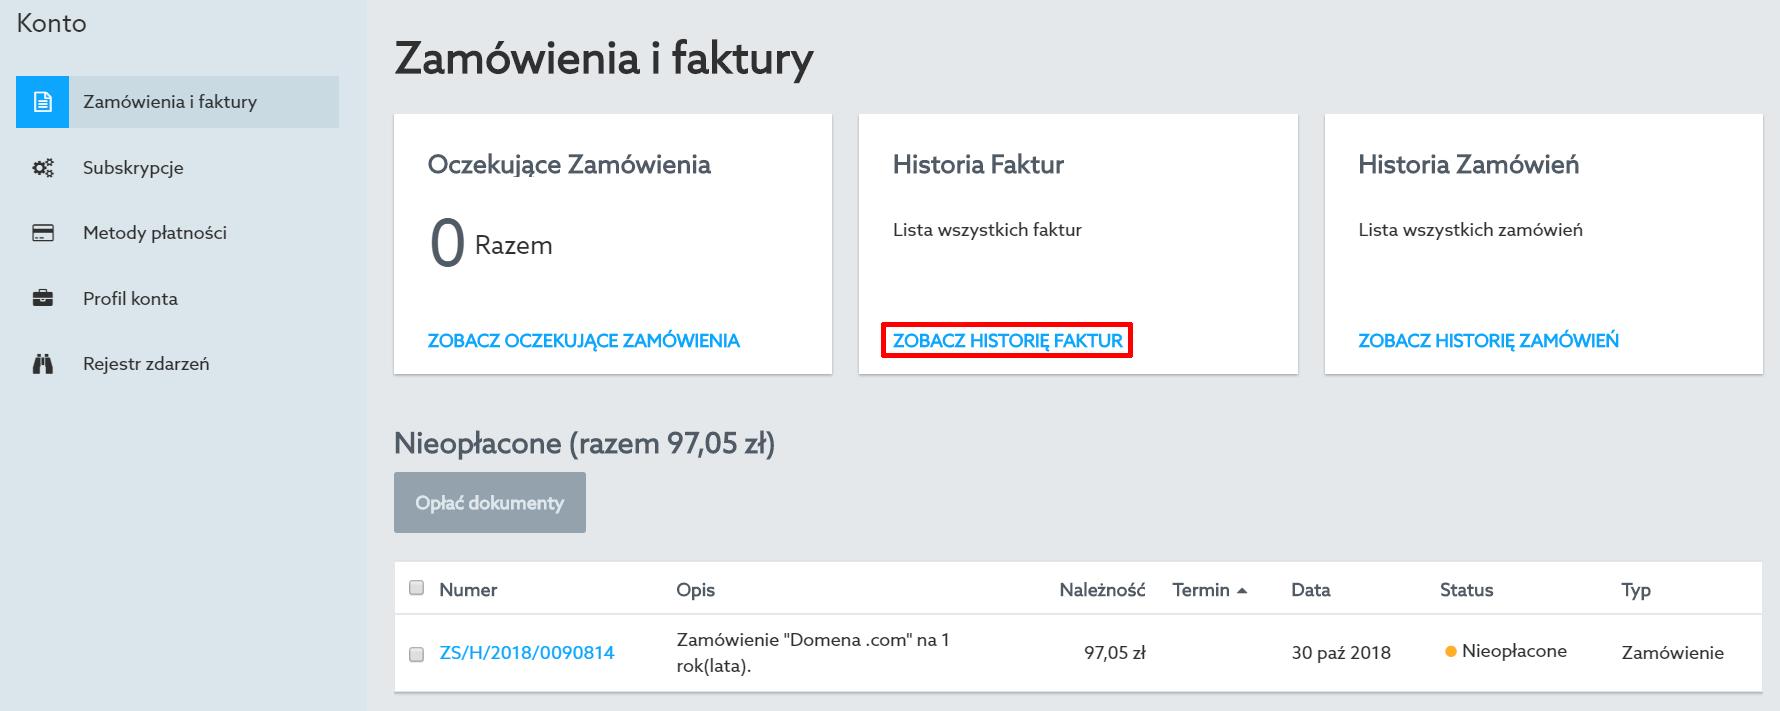 Panel Klienta home.pl - Konto - Zamówienia i faktury - W sekcji Historia Faktur kliknij przycisk Zobacz historię faktur